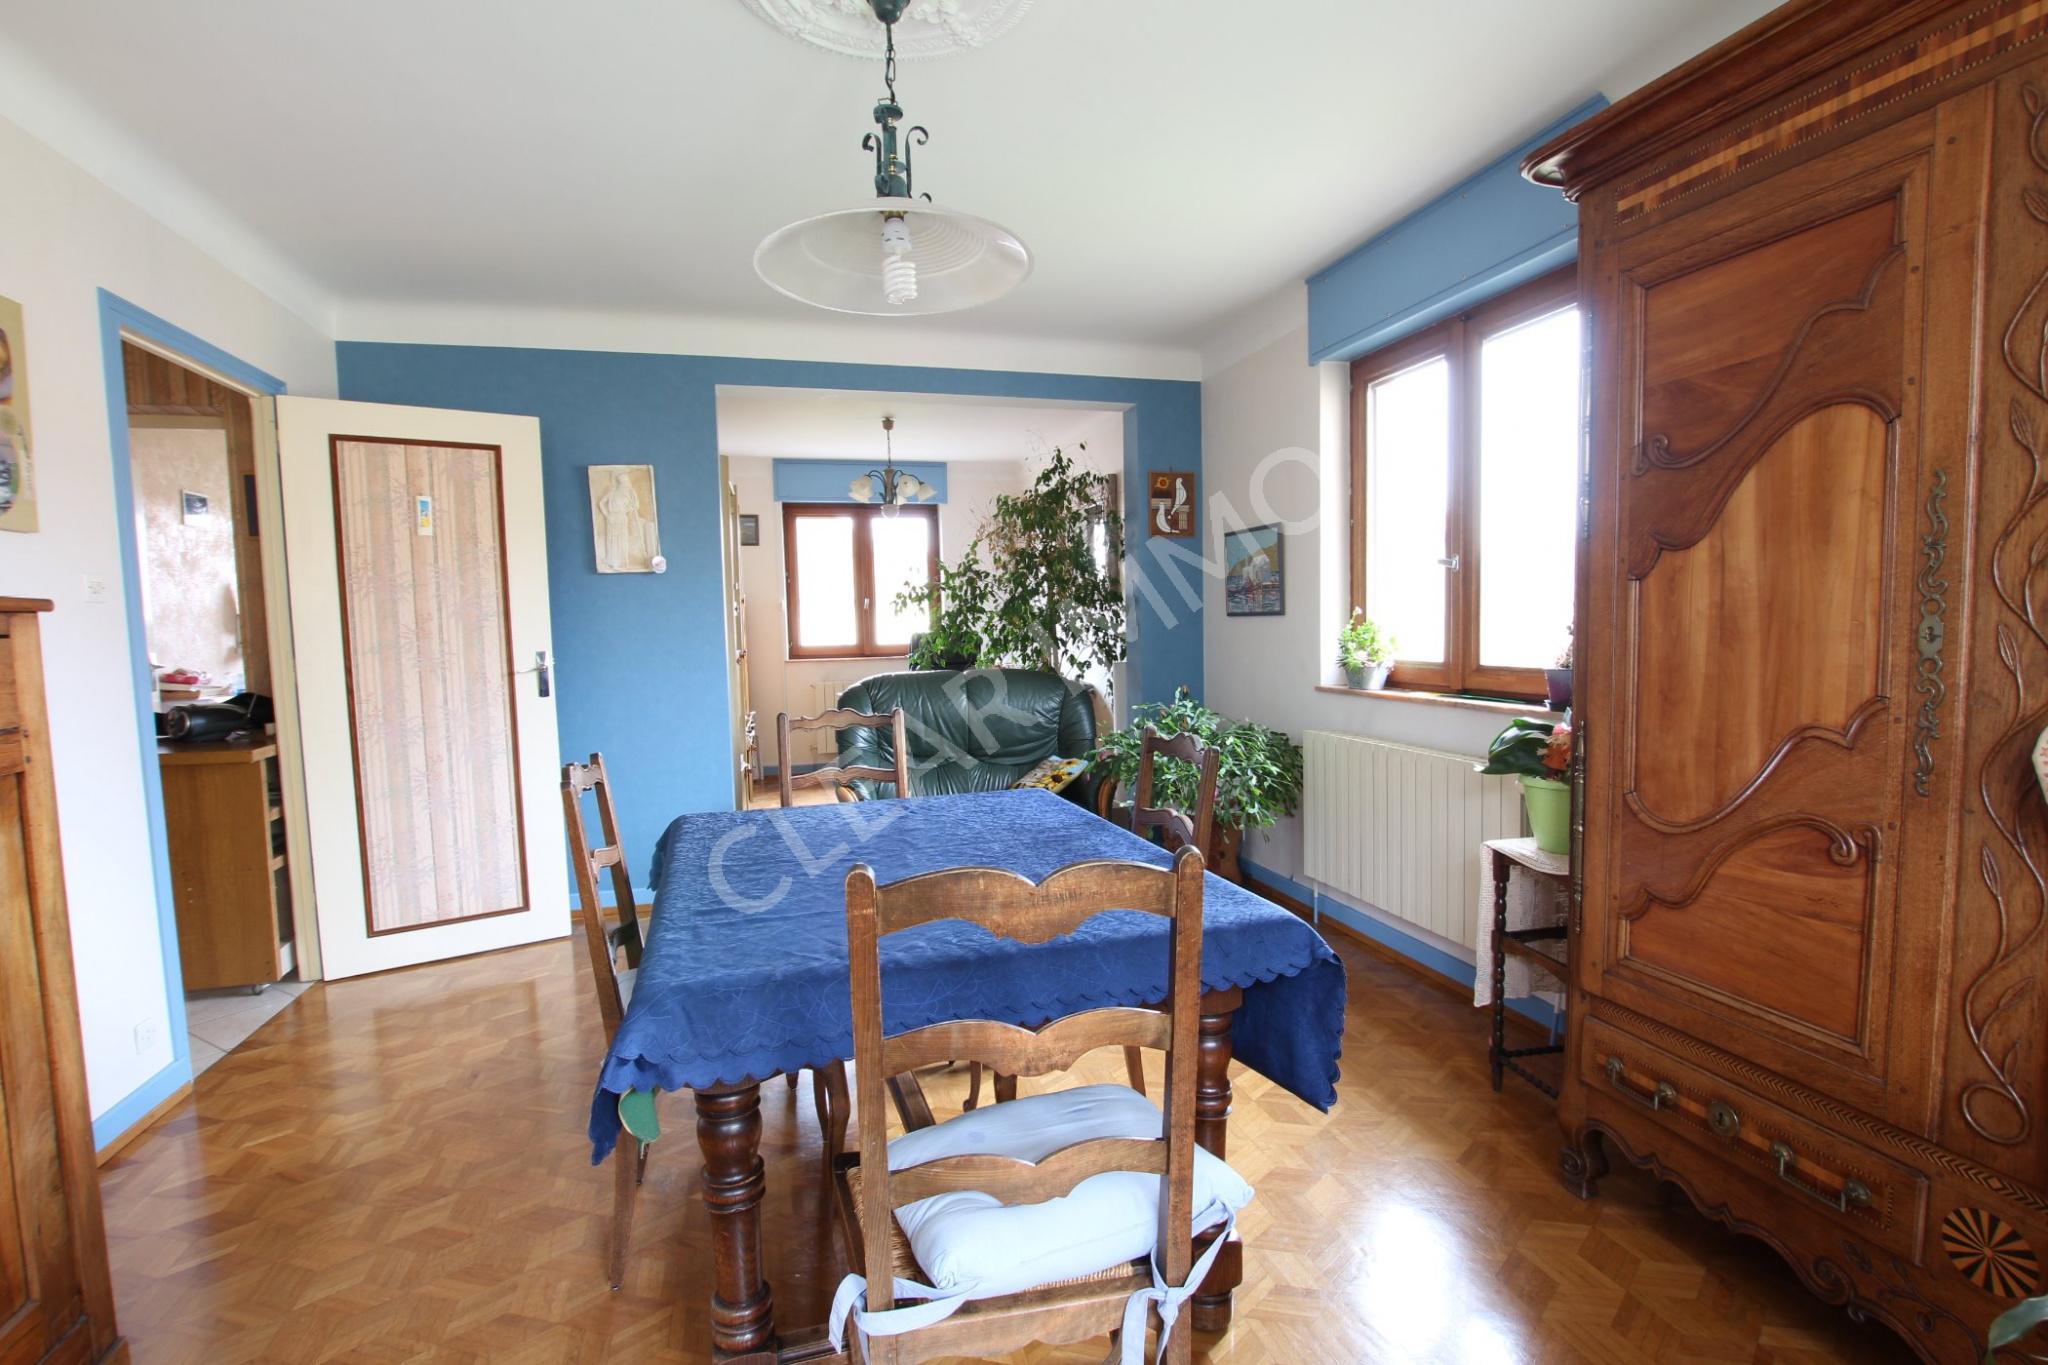 Annonce vente maison corny sur moselle 57680 130 m for Vente maison individuelle moselle